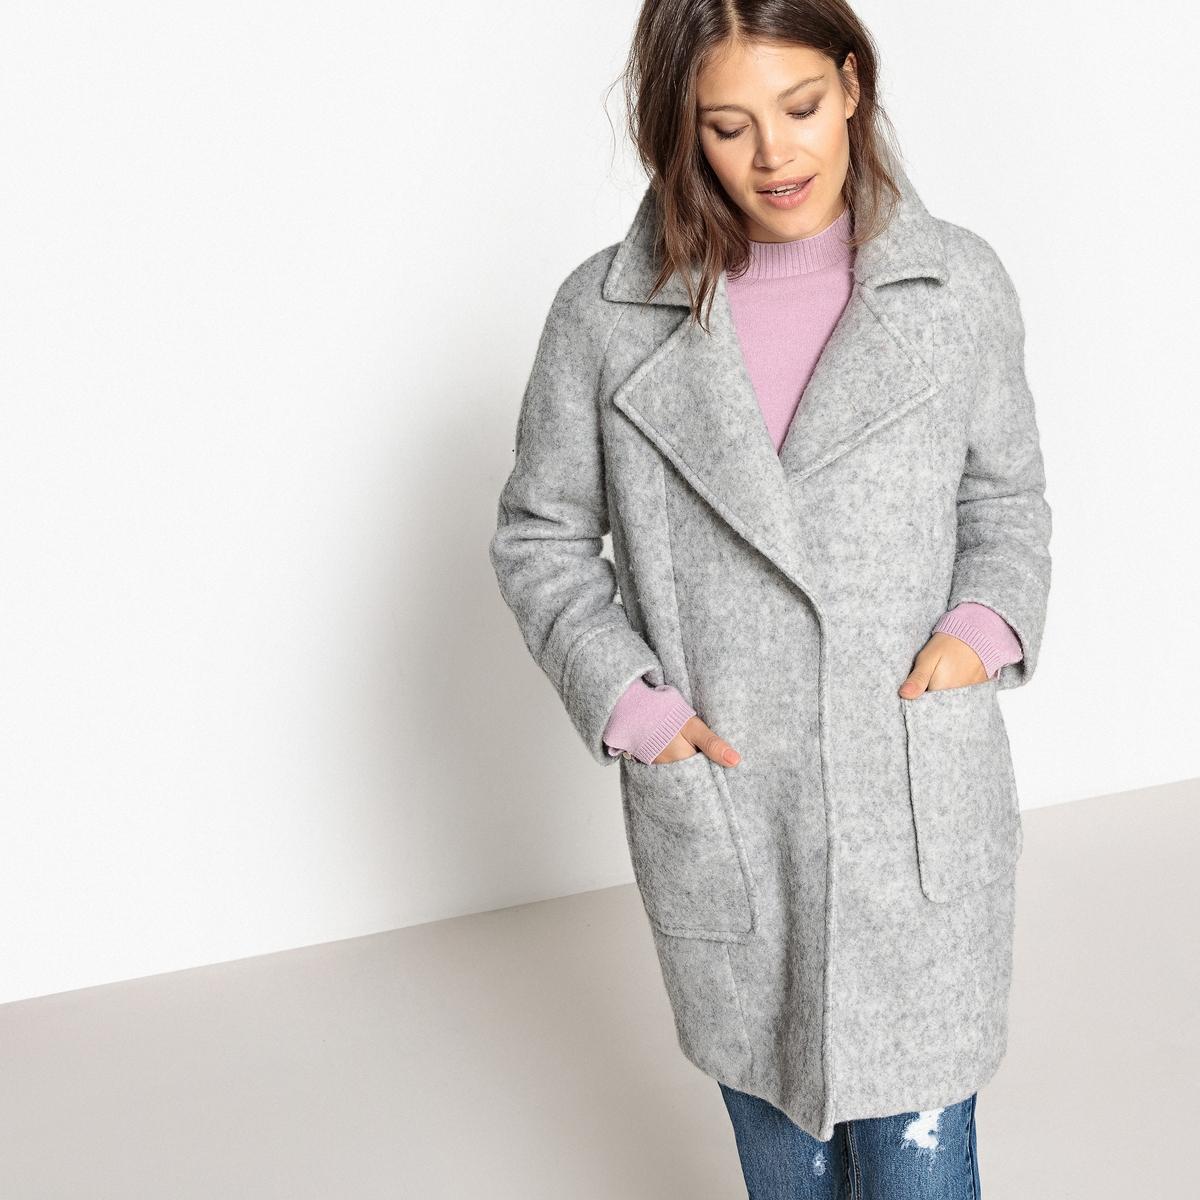 Пальто шерстяное из буклеОписание:Очень теплое и комфортное пальто. Его прямая форма сочетается со всеми стилями, отлично сочетается с джинсами для свободного внешнего вида или более женственного с платьем.Детали •  Длина : средняя •  Воротник пиджачный •  Застежка на кнопкиСостав и уход •  45% шерсти, 55% полиэстера •  Следуйте рекомендациям по уходу, указанным на этикетке изделия •  Длина : 91 см<br><br>Цвет: бледно-розовый,светло-серый меланж,темно-бежевый<br>Размер: 50 (FR) - 56 (RUS).44 (FR) - 50 (RUS).42 (FR) - 48 (RUS).40 (FR) - 46 (RUS).50 (FR) - 56 (RUS).42 (FR) - 48 (RUS).34 (FR) - 40 (RUS).52 (FR) - 58 (RUS).50 (FR) - 56 (RUS).46 (FR) - 52 (RUS).44 (FR) - 50 (RUS).42 (FR) - 48 (RUS).40 (FR) - 46 (RUS).36 (FR) - 42 (RUS).52 (FR) - 58 (RUS).40 (FR) - 46 (RUS).36 (FR) - 42 (RUS).48 (FR) - 54 (RUS).44 (FR) - 50 (RUS).48 (FR) - 54 (RUS)